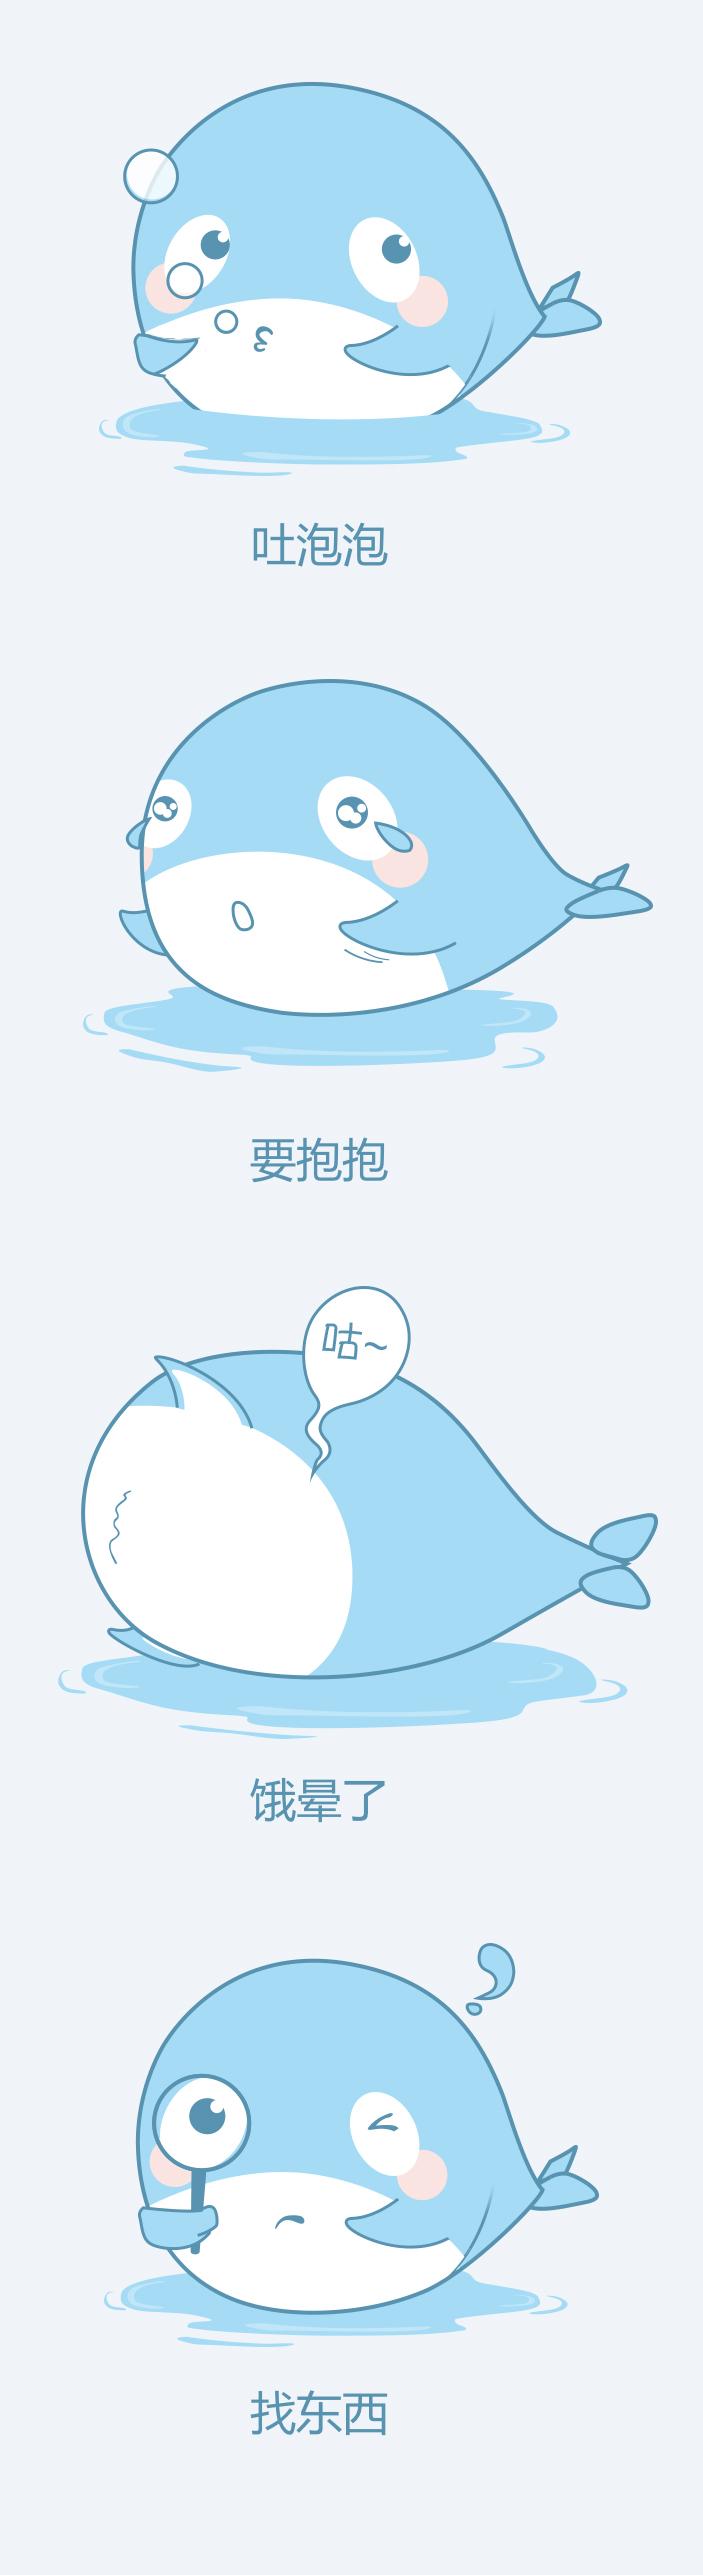 卡通形象·小鲸鱼·表情包